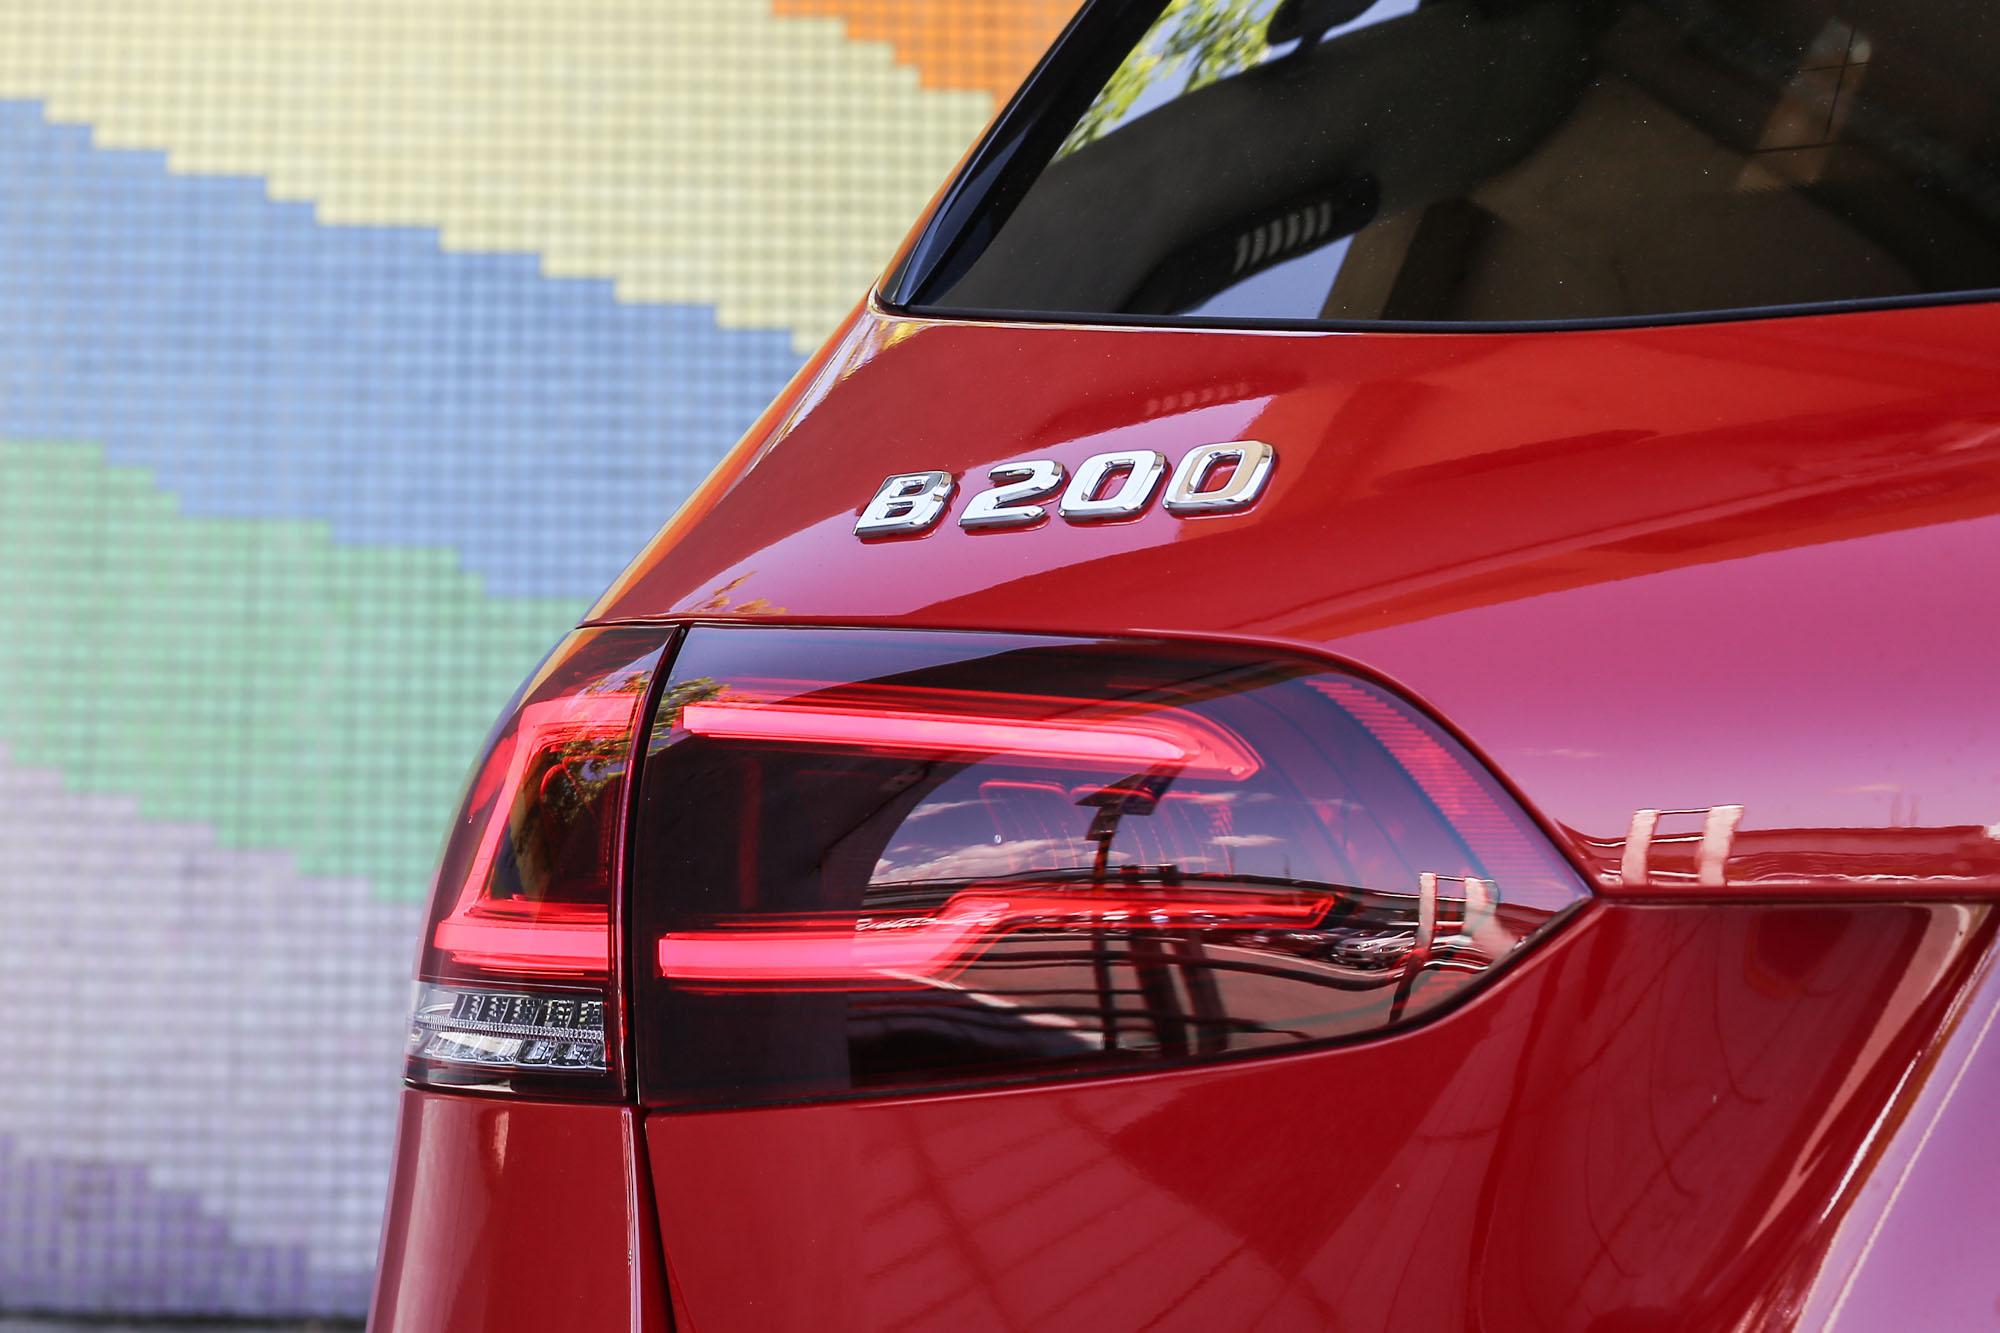 LED 尾燈組與車身整合得宜。